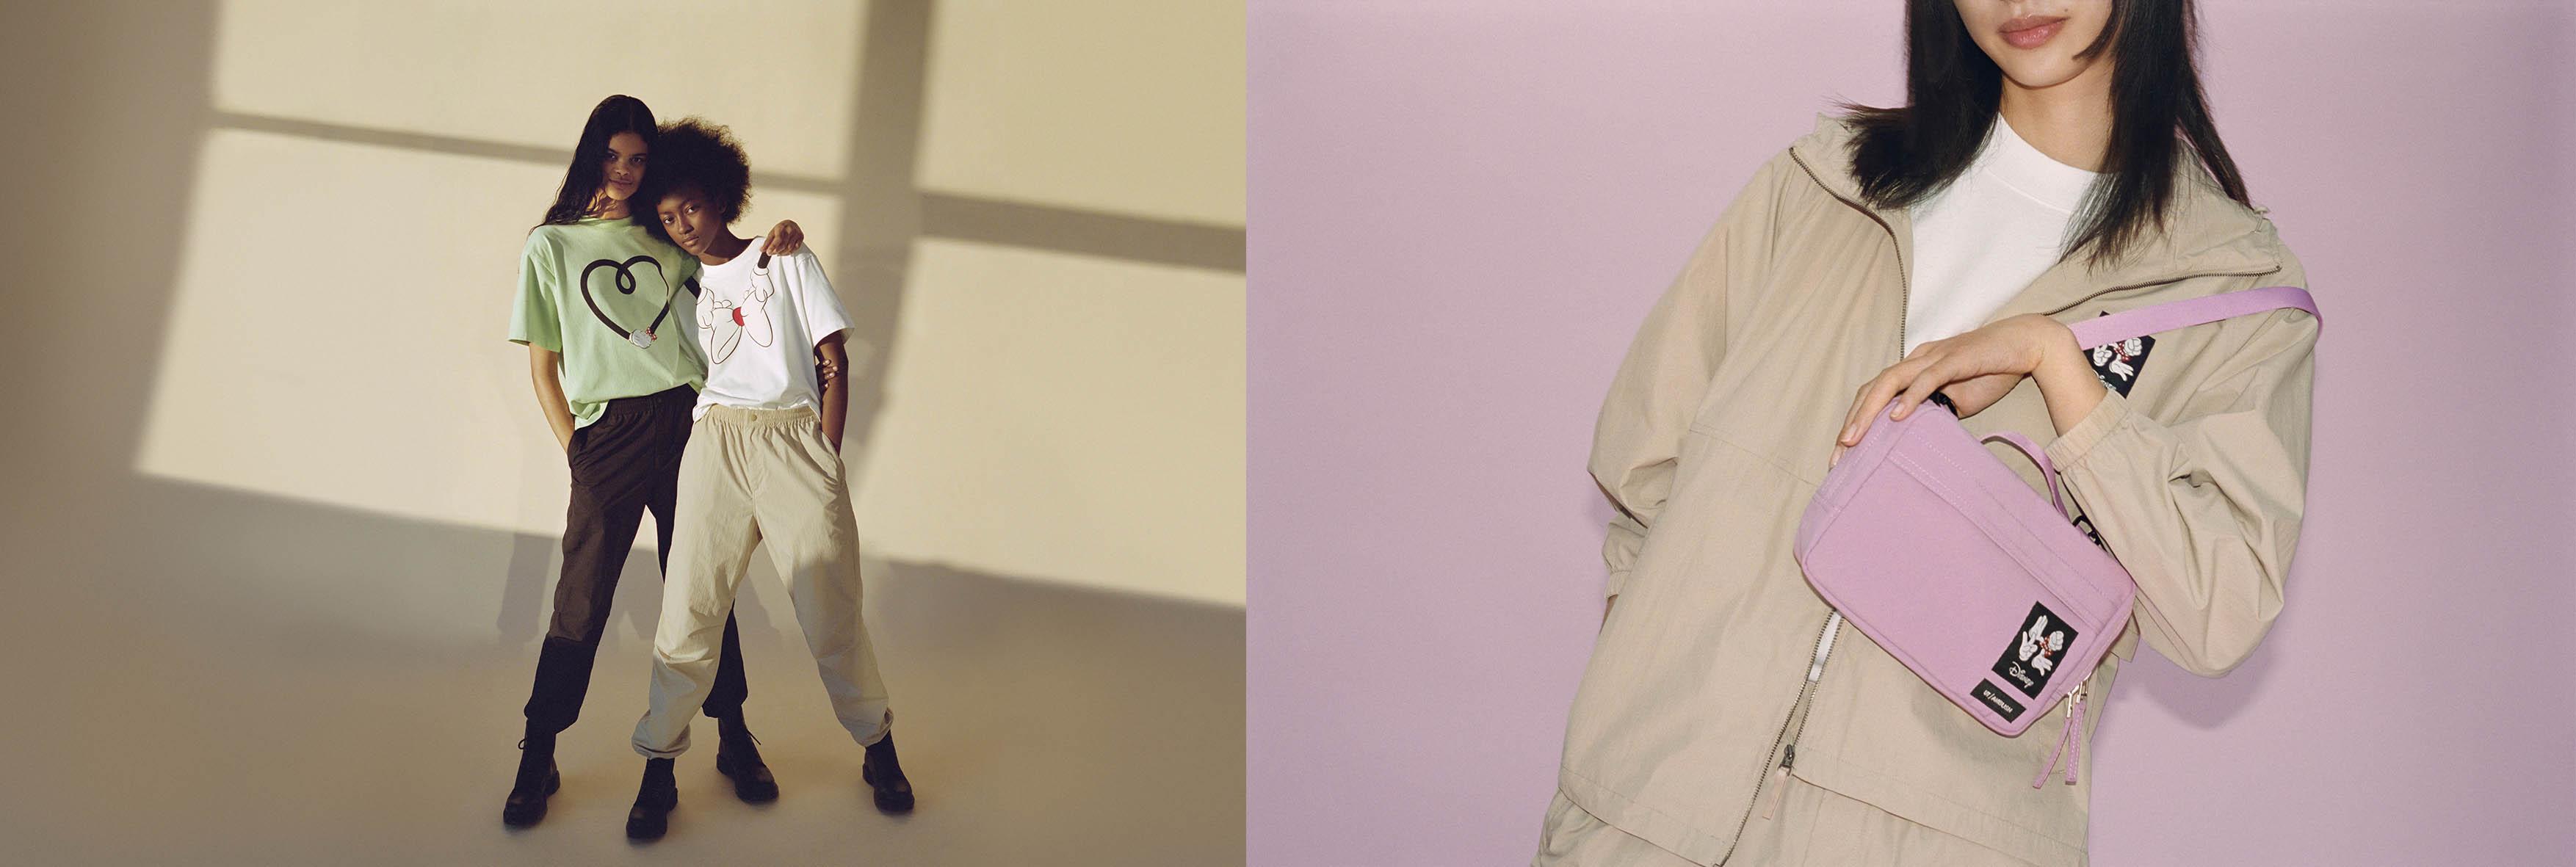 优衣库与AMBUSH合作推出 运动休闲风迪士尼米妮主题UT系列